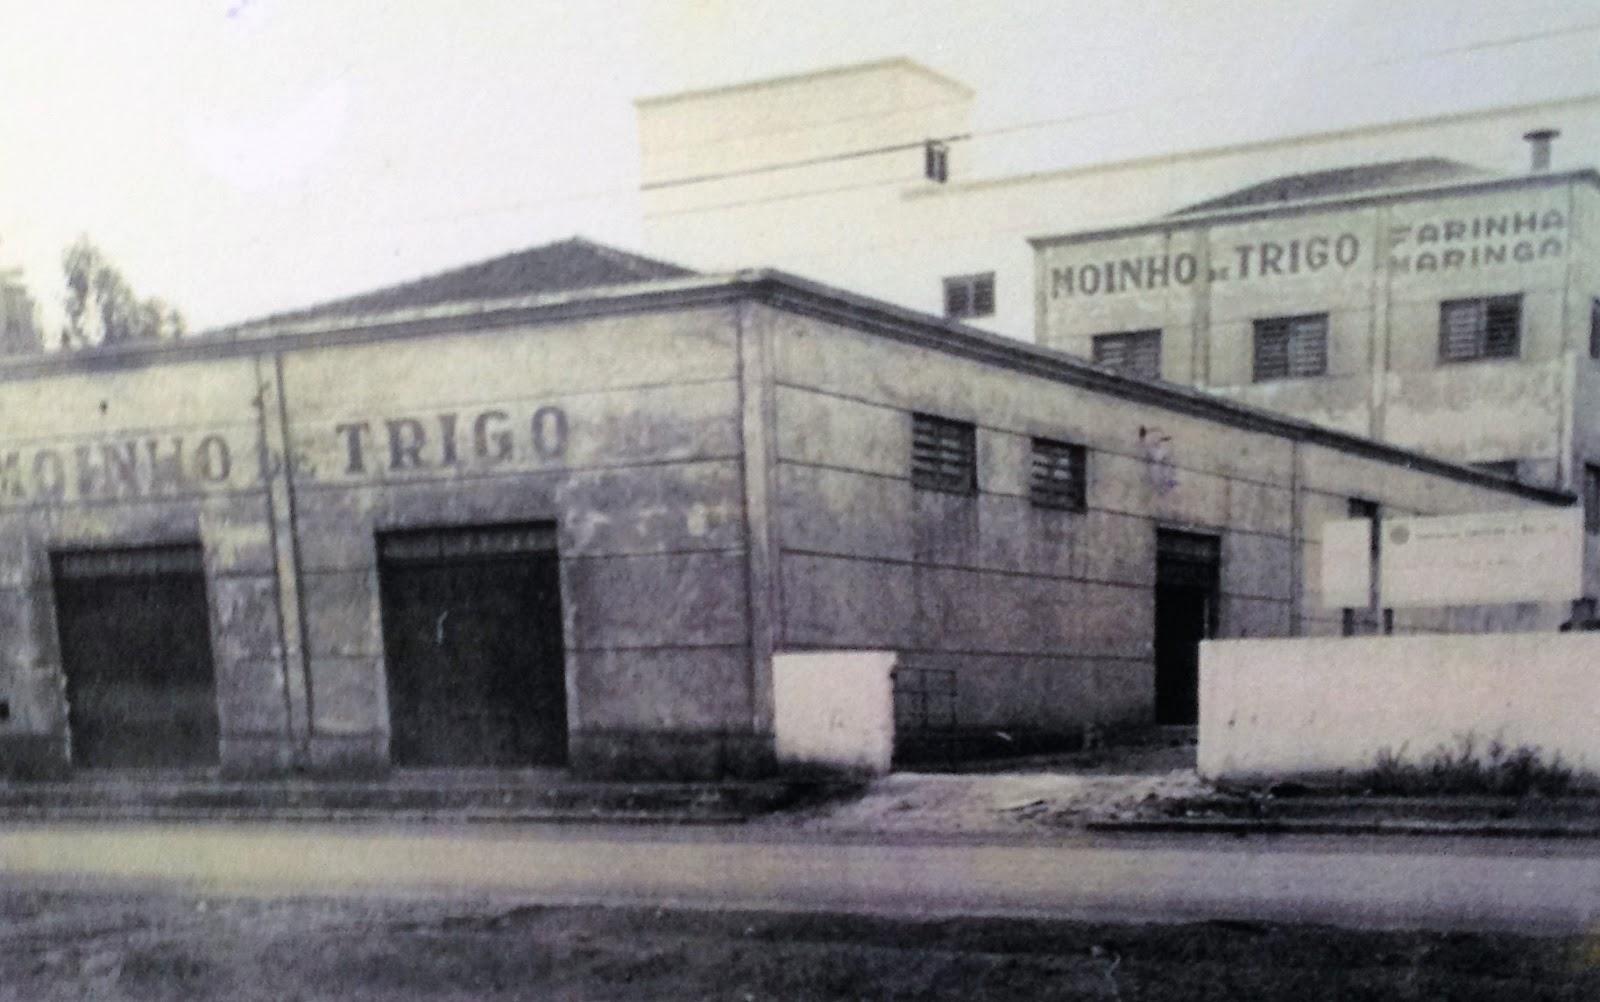 Moinho de Trigo - Década de 1960